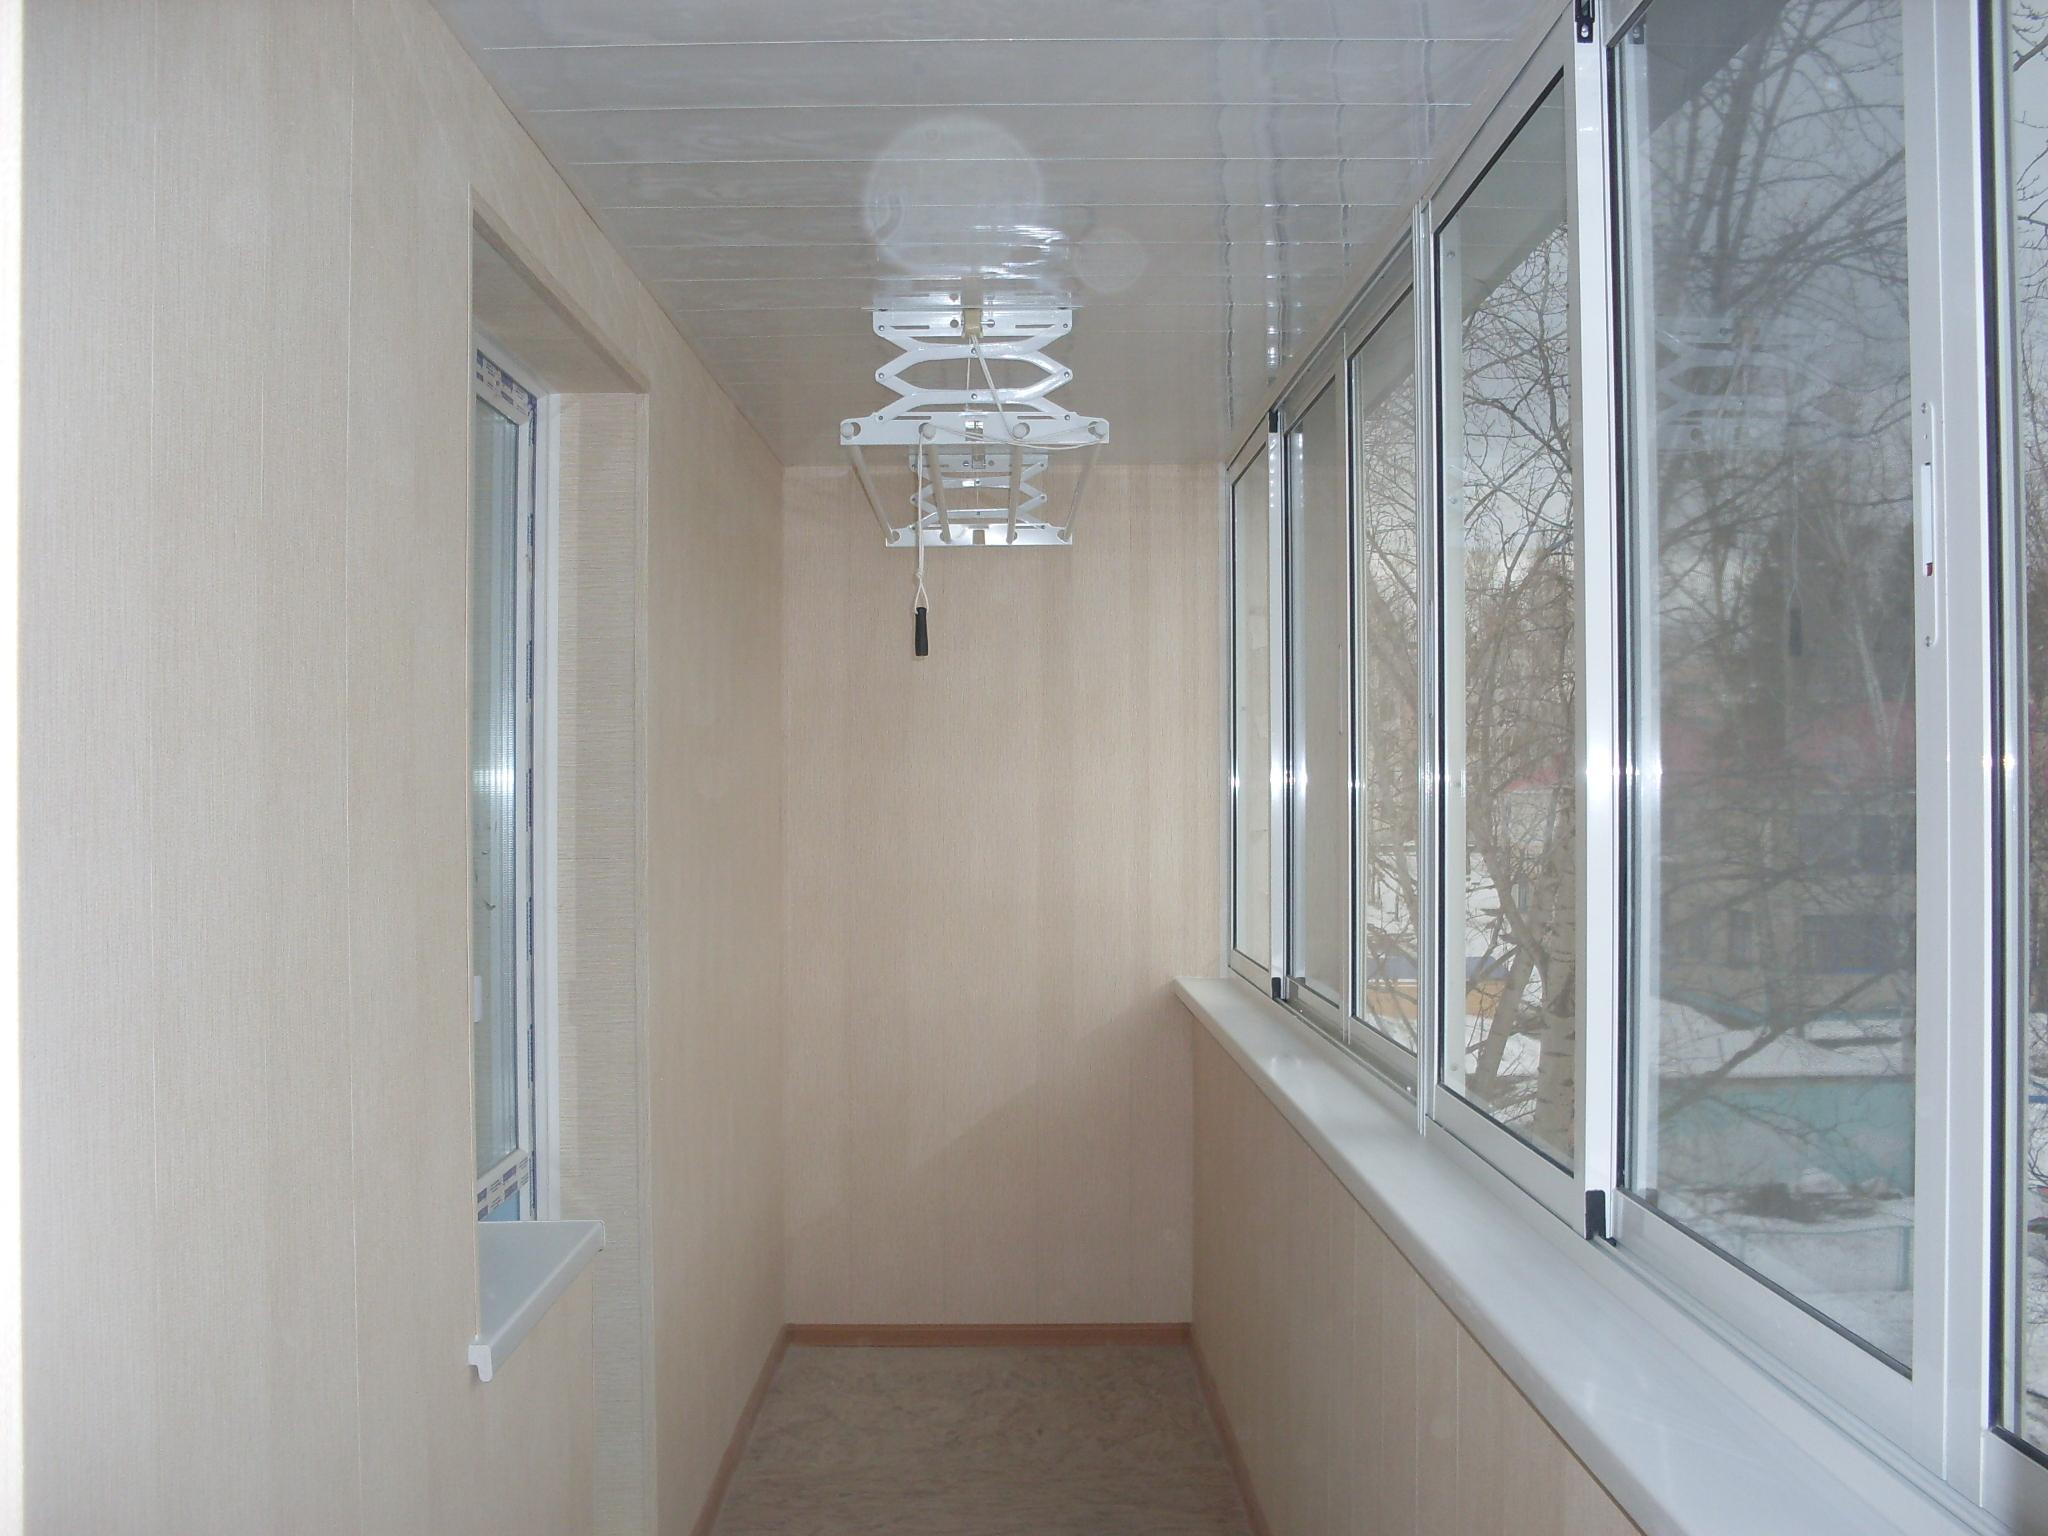 Остекление балконов и лоджий - недорого цена кривой рог - ст.